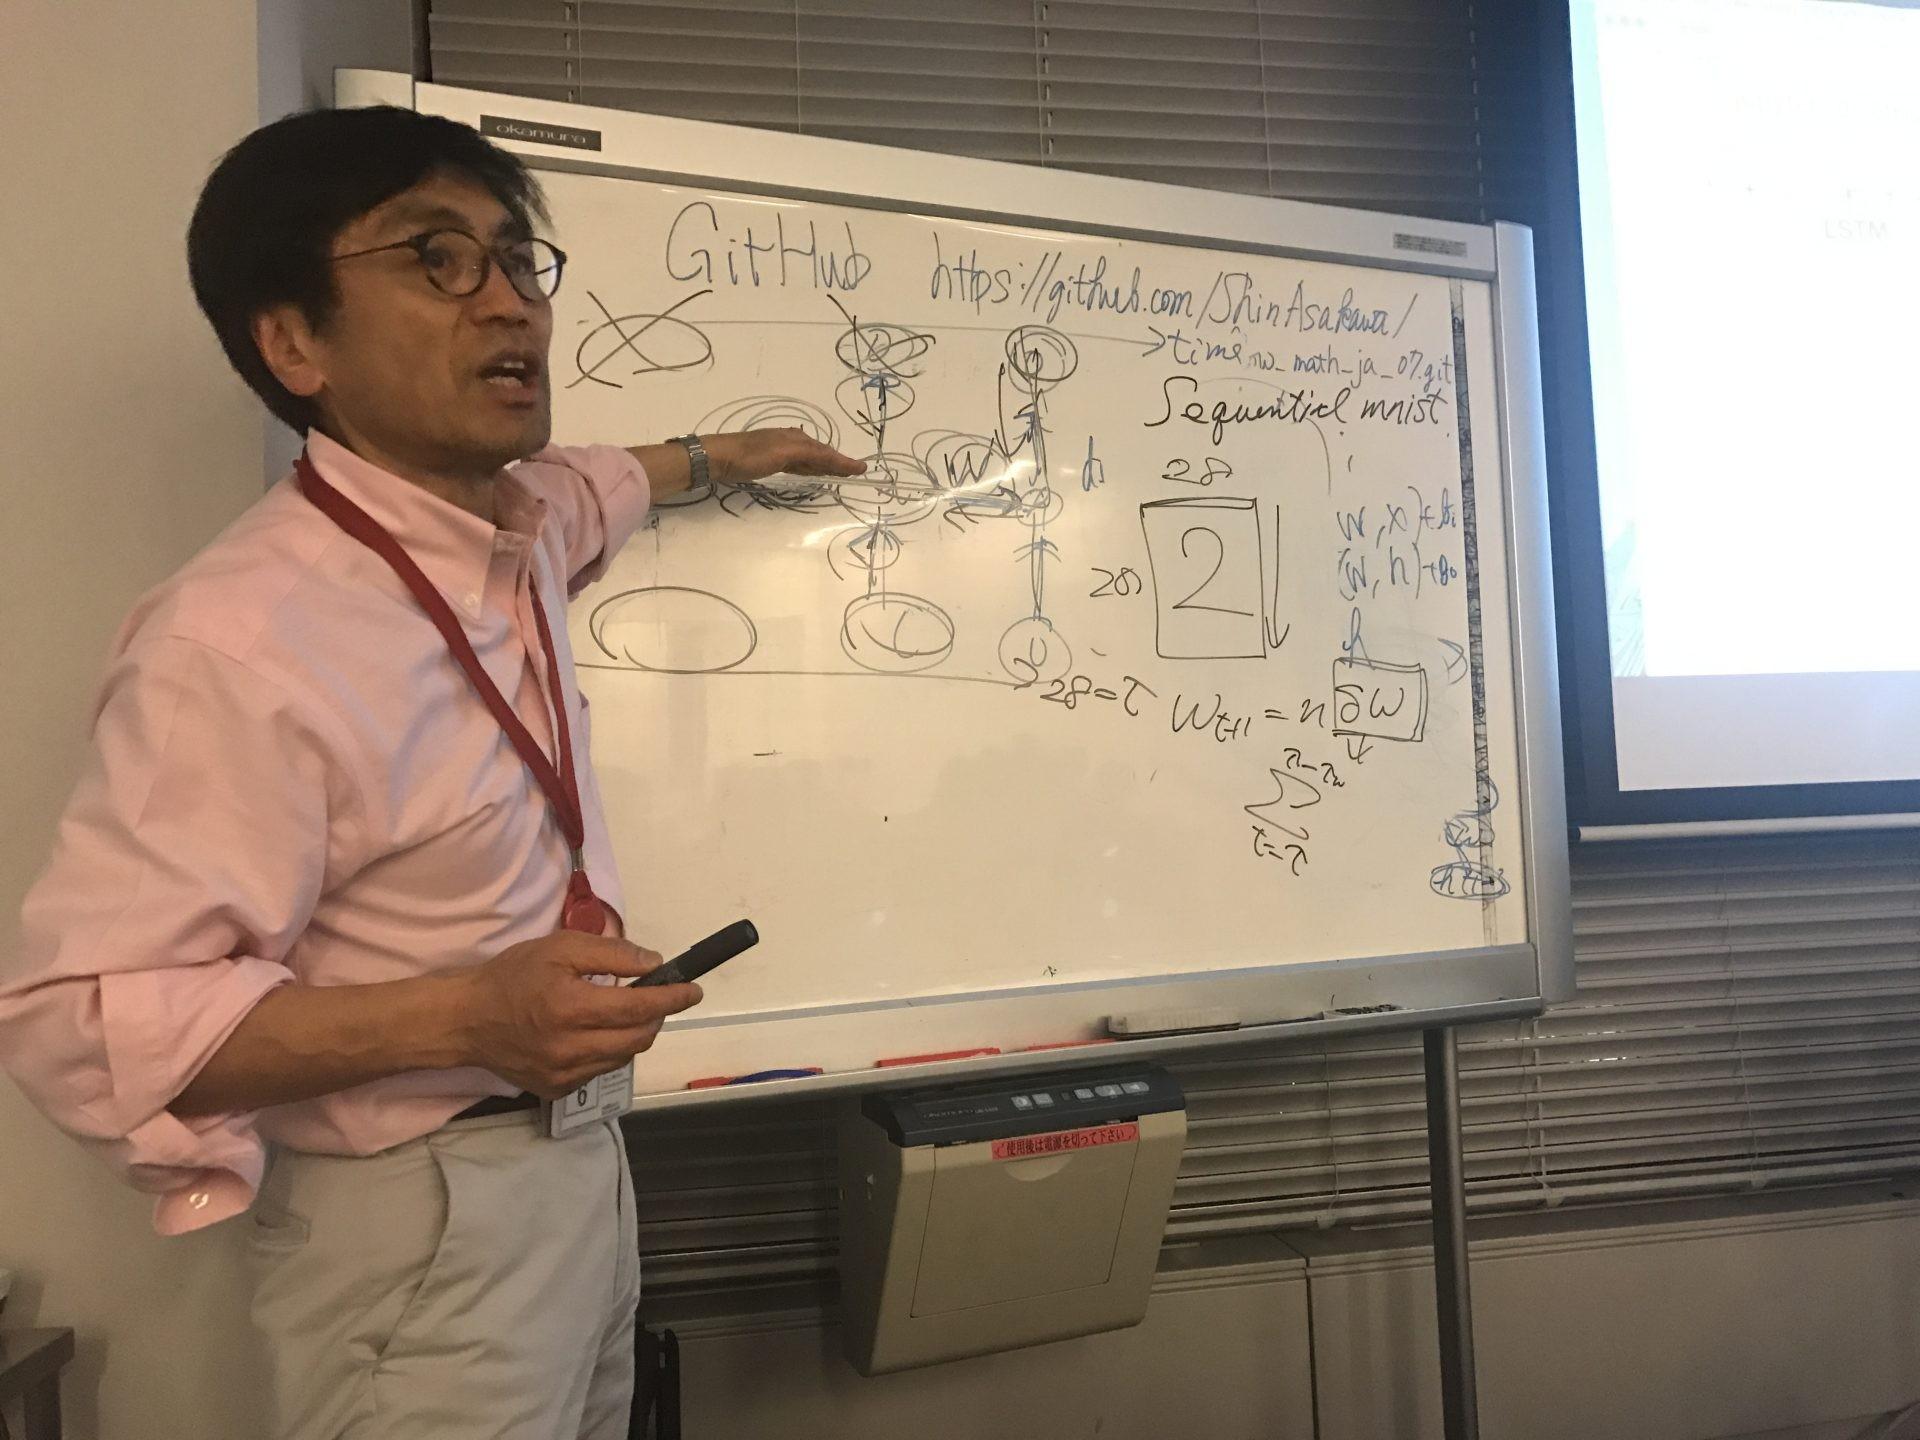 RNNの基礎だけじゃなく、Sequential Mnistにも実践!浅川先生の機械学習勉強会に参加してみた ...